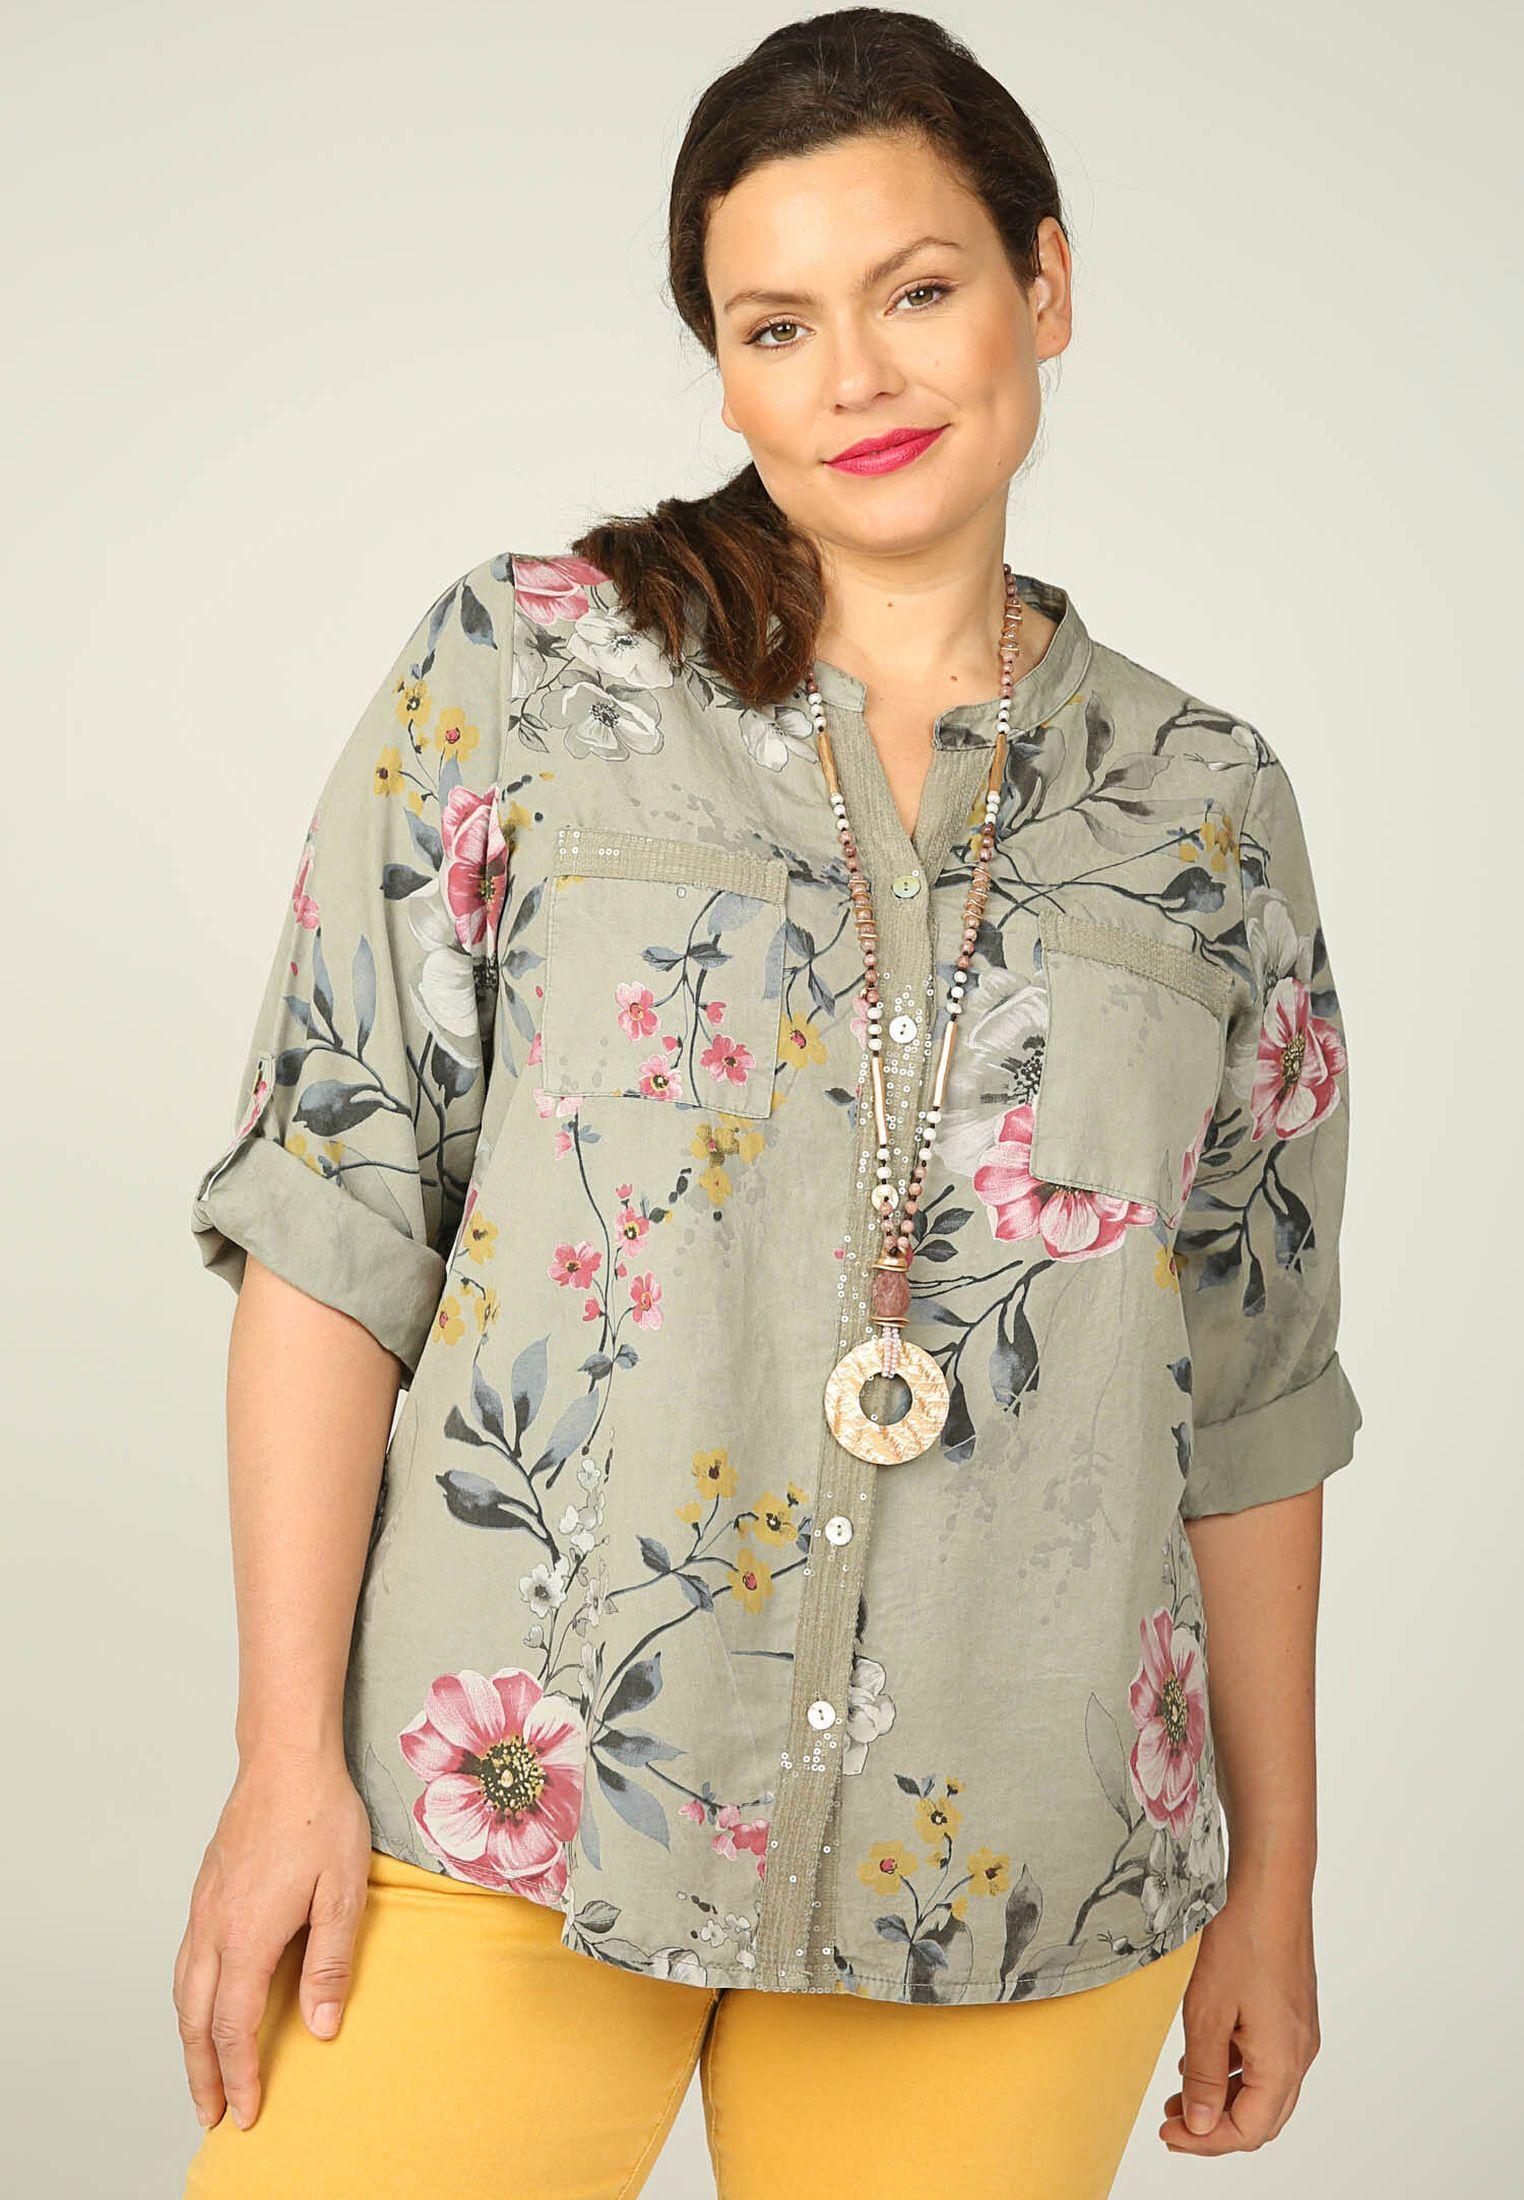 Paprika Druckbluse Hemdbluse mit Blumendruck und Pailletten